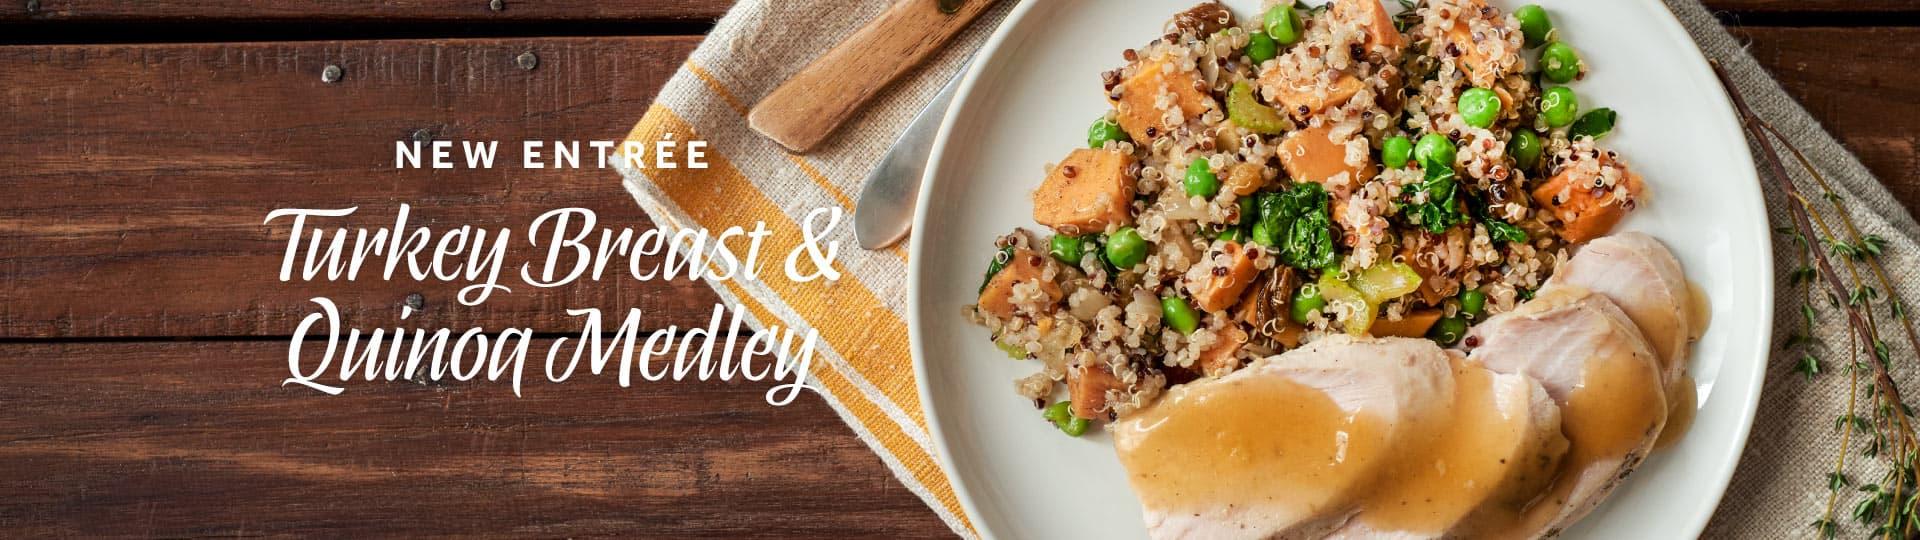 New Entrée: Turkey Breast & Quinoa Medley